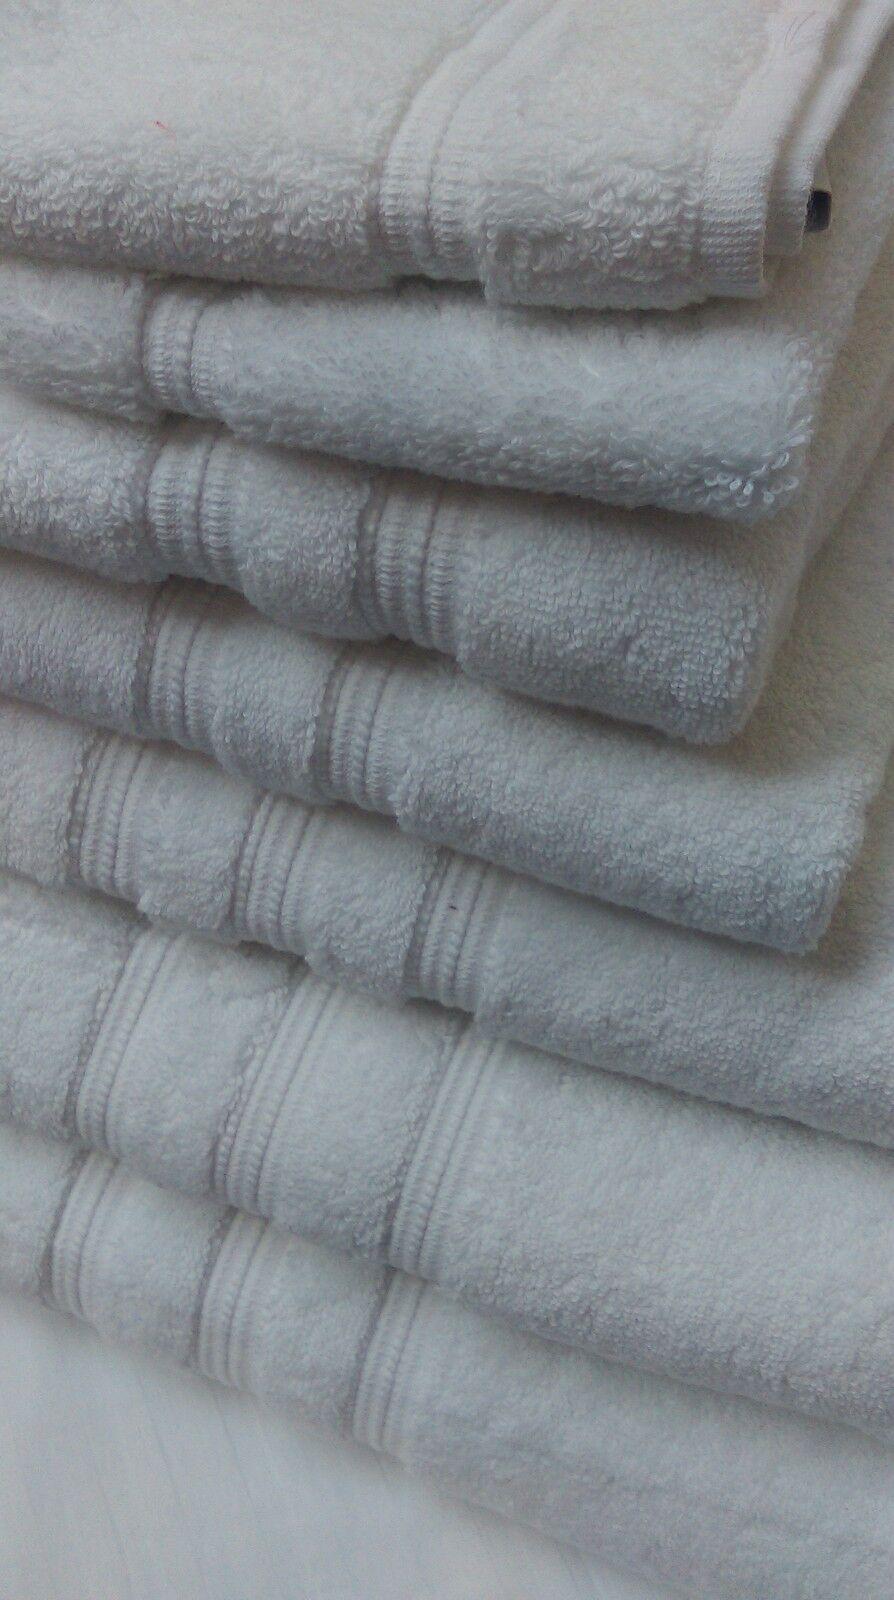 Luxe Ultime Boutique Boutique Boutique 800GSM Blanc turc Pima Coton 100% serviettes et ensembles | Dans Un Style élégant  8362f0